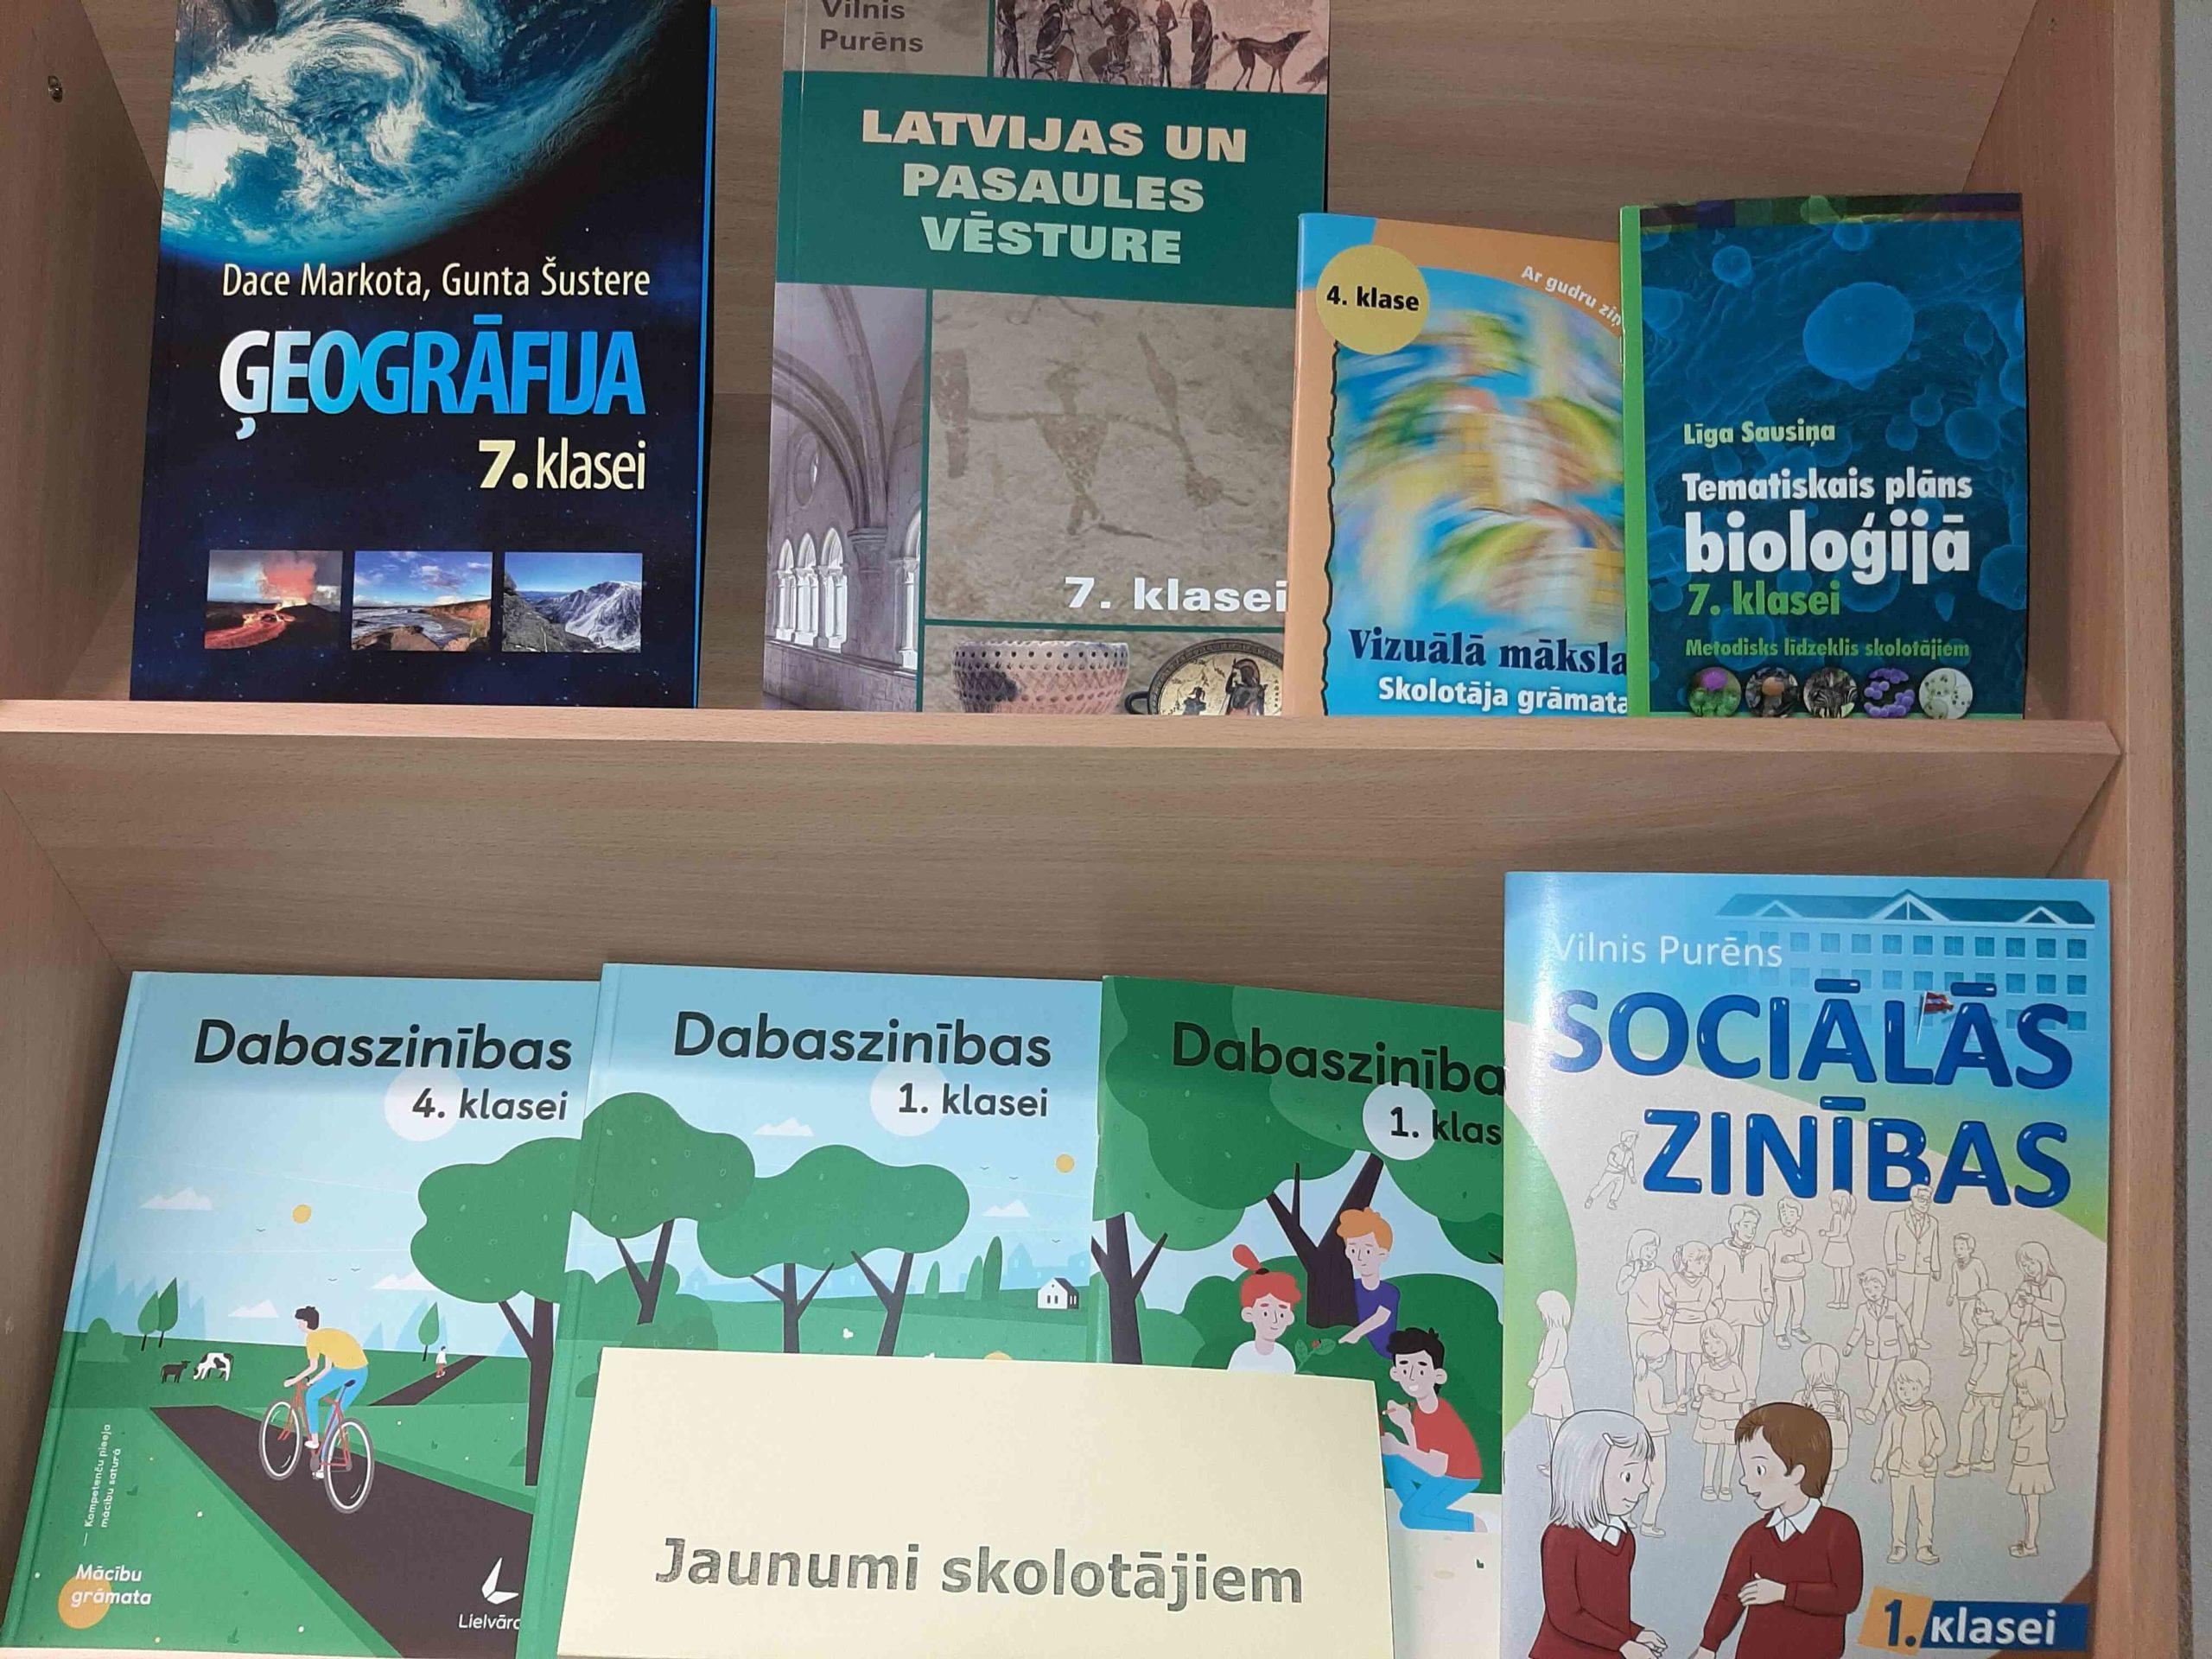 Grāmatu jaunumi skolotājiem bibliotēkā janvārī